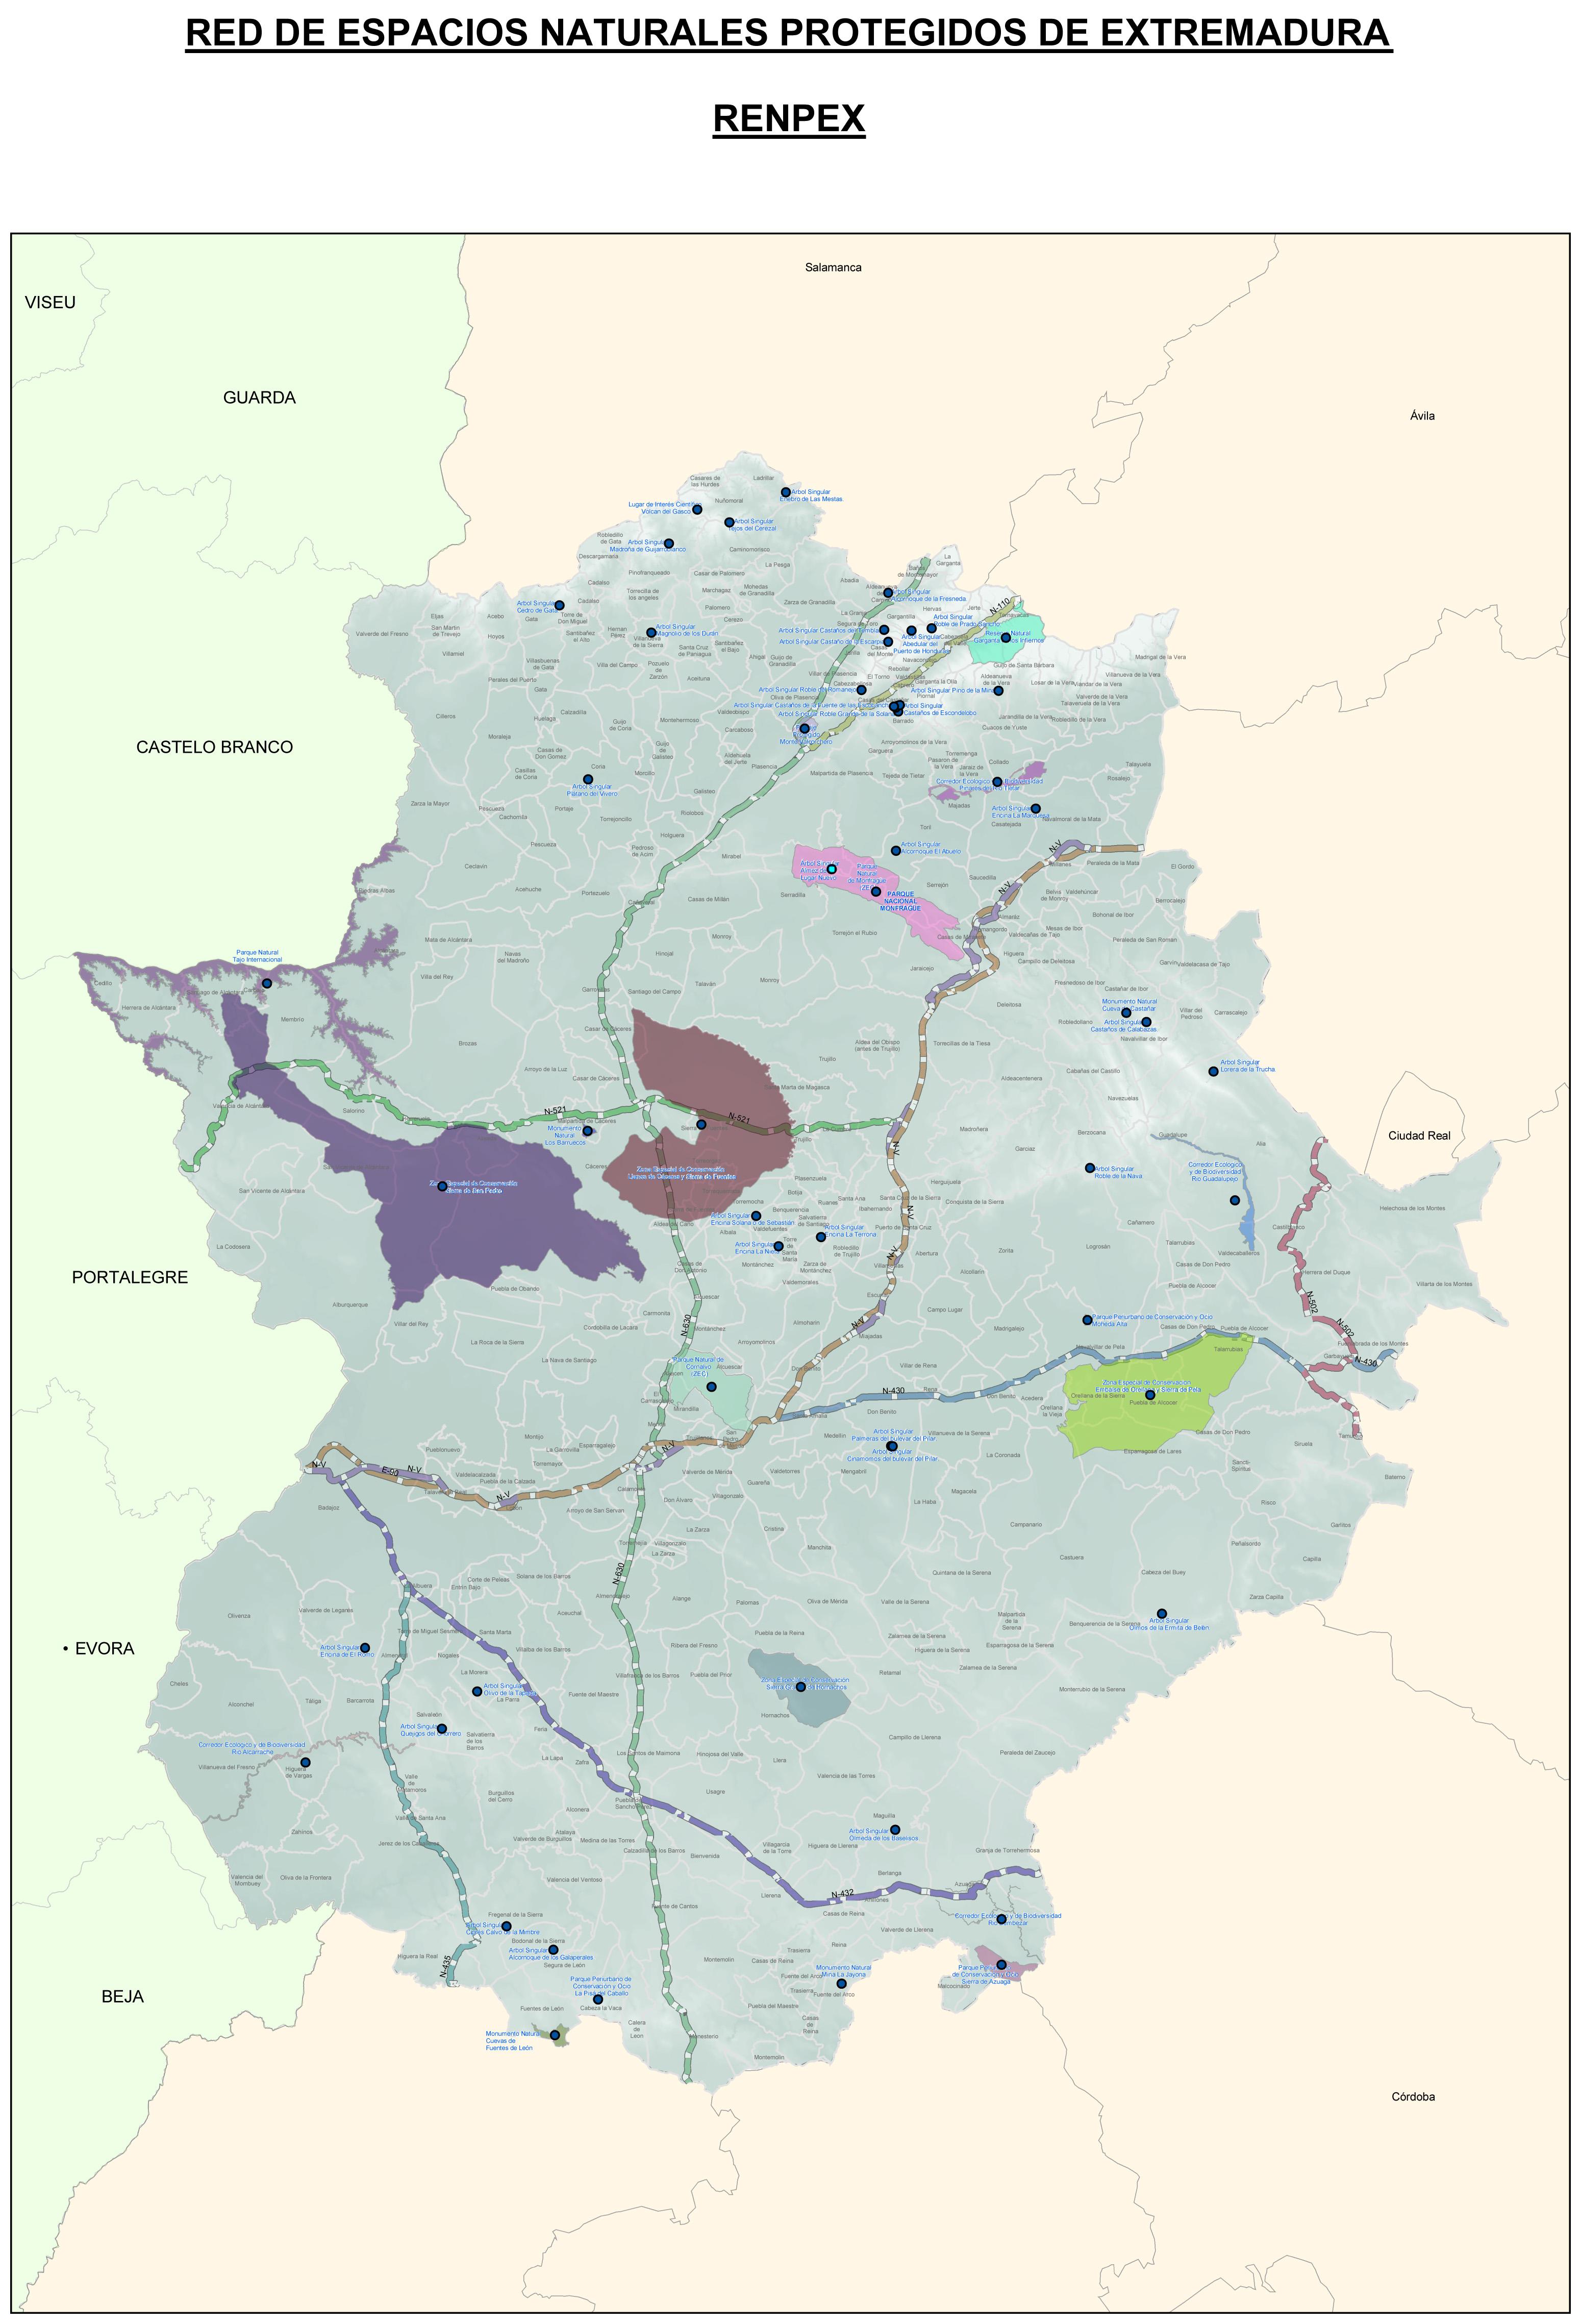 Mapa de Espacios naturales protegidos de Extremadura